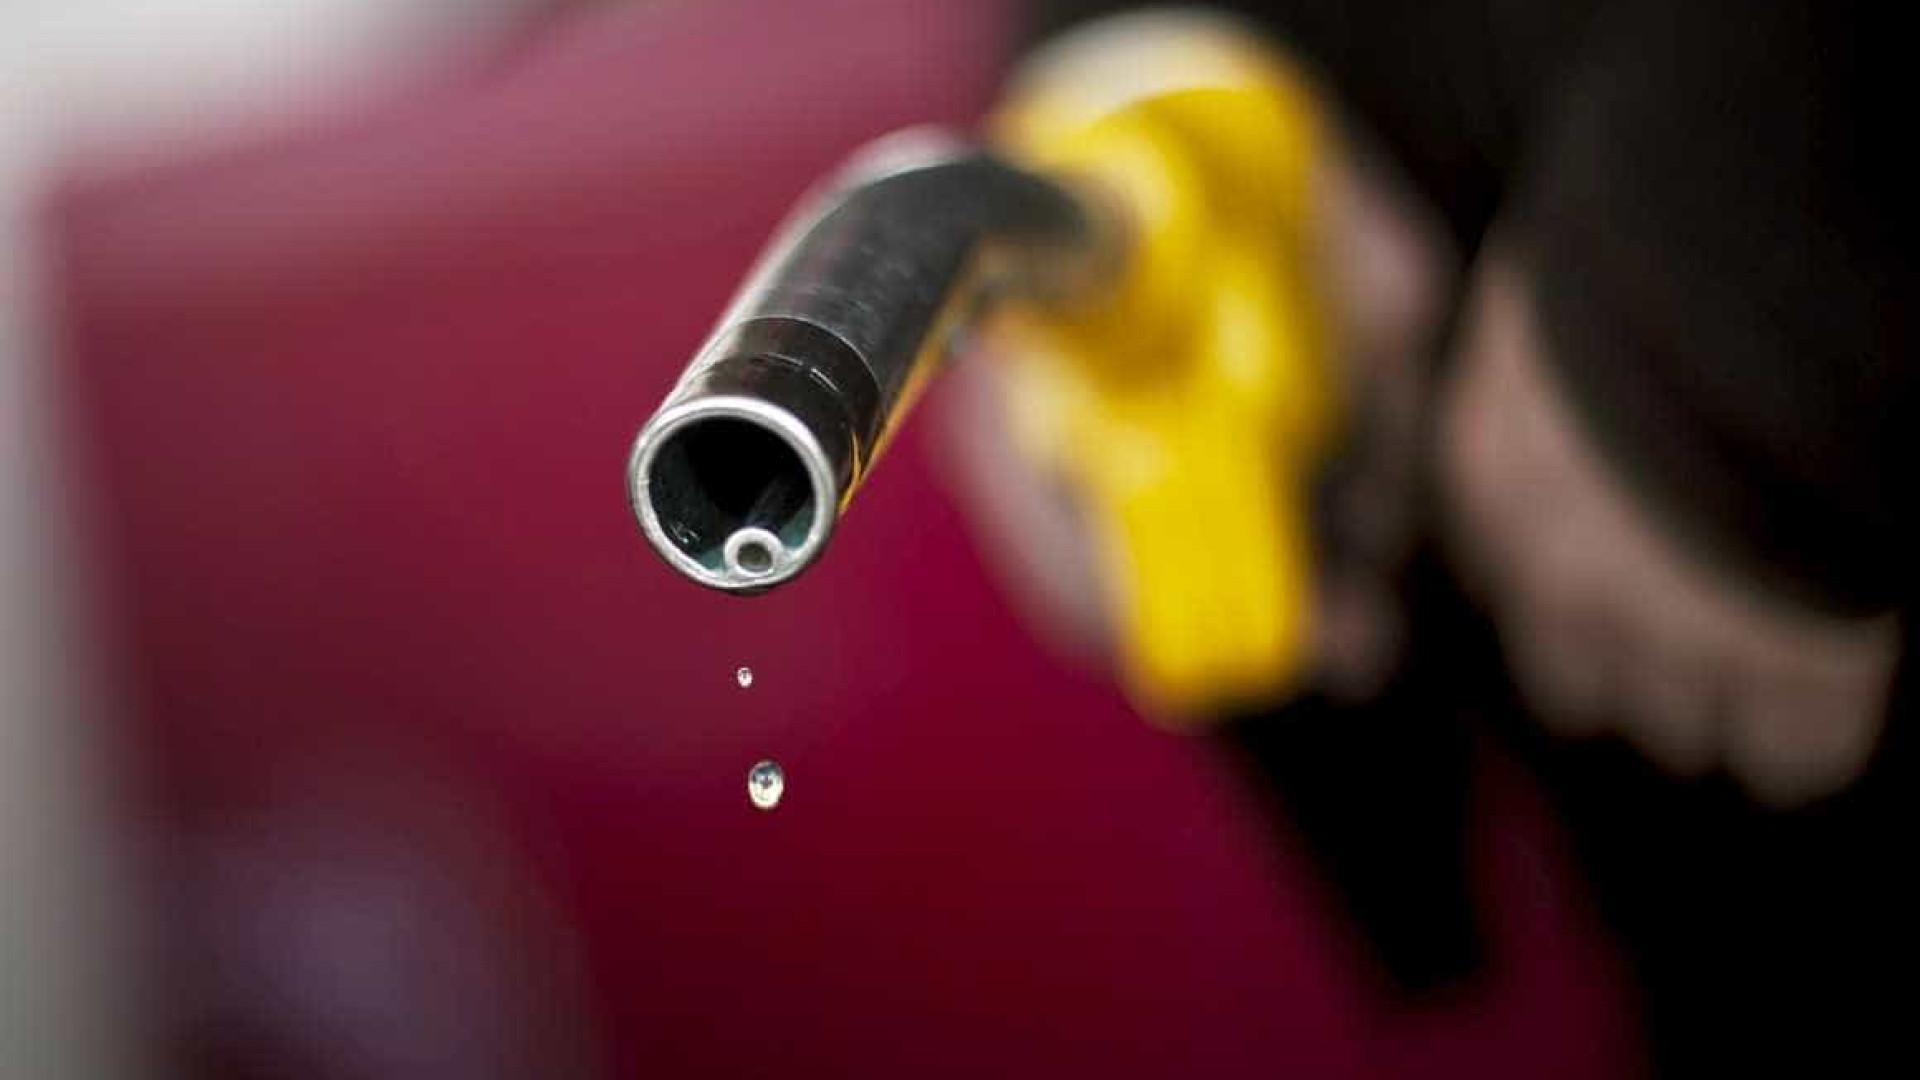 Oferta da UE a etanol do Brasil deve ficar 'aquém do aceitável'